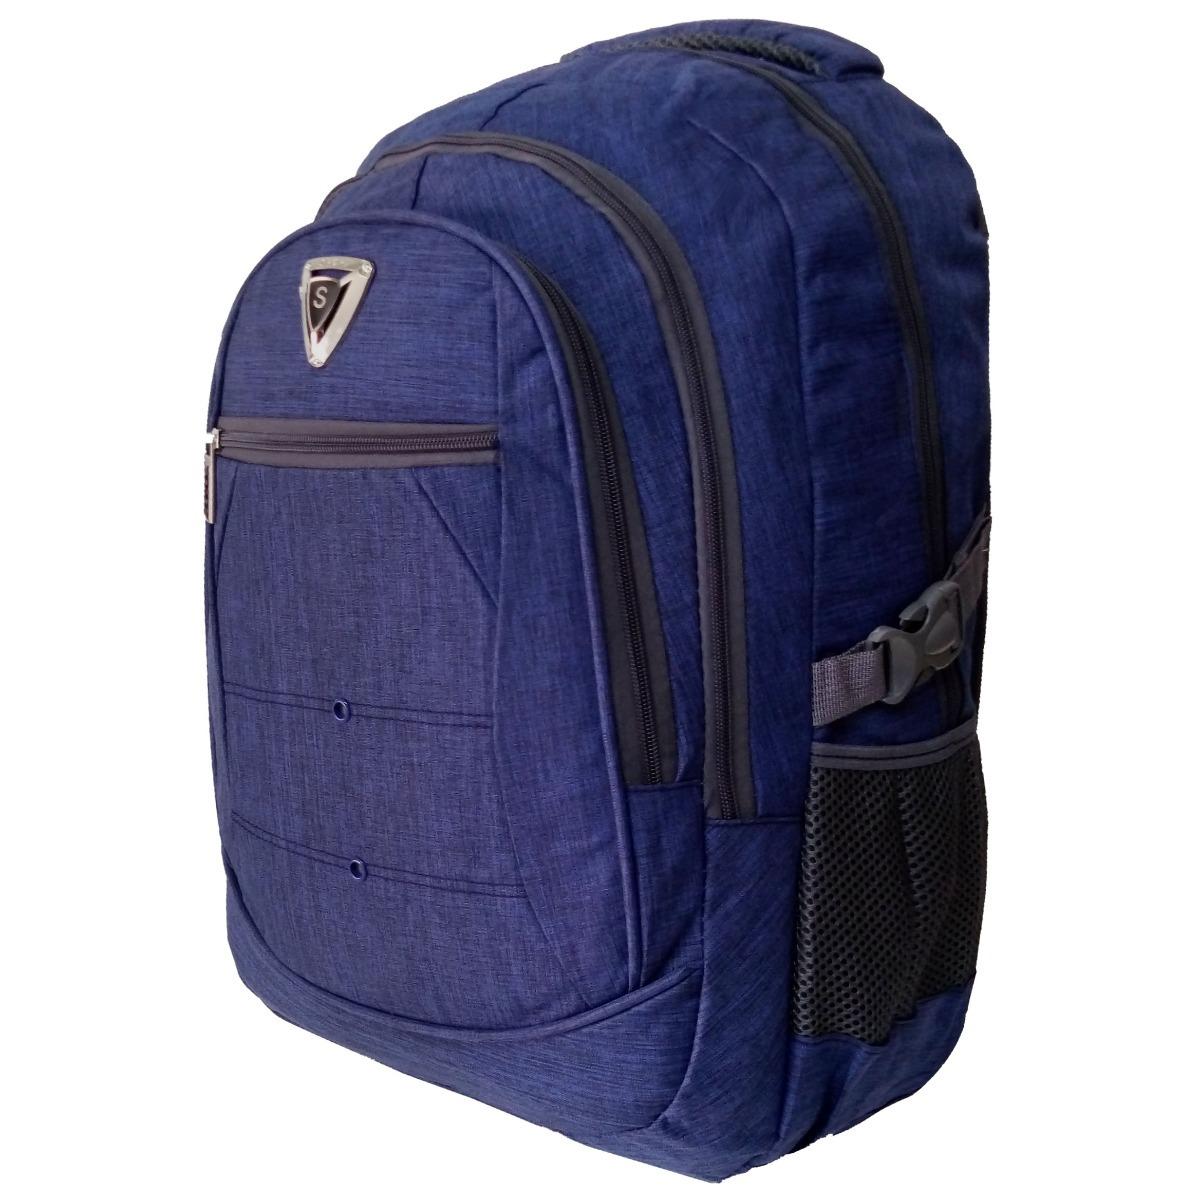 c298ba48e mochila masculina sport preta compartimento para notebook. Carregando zoom.